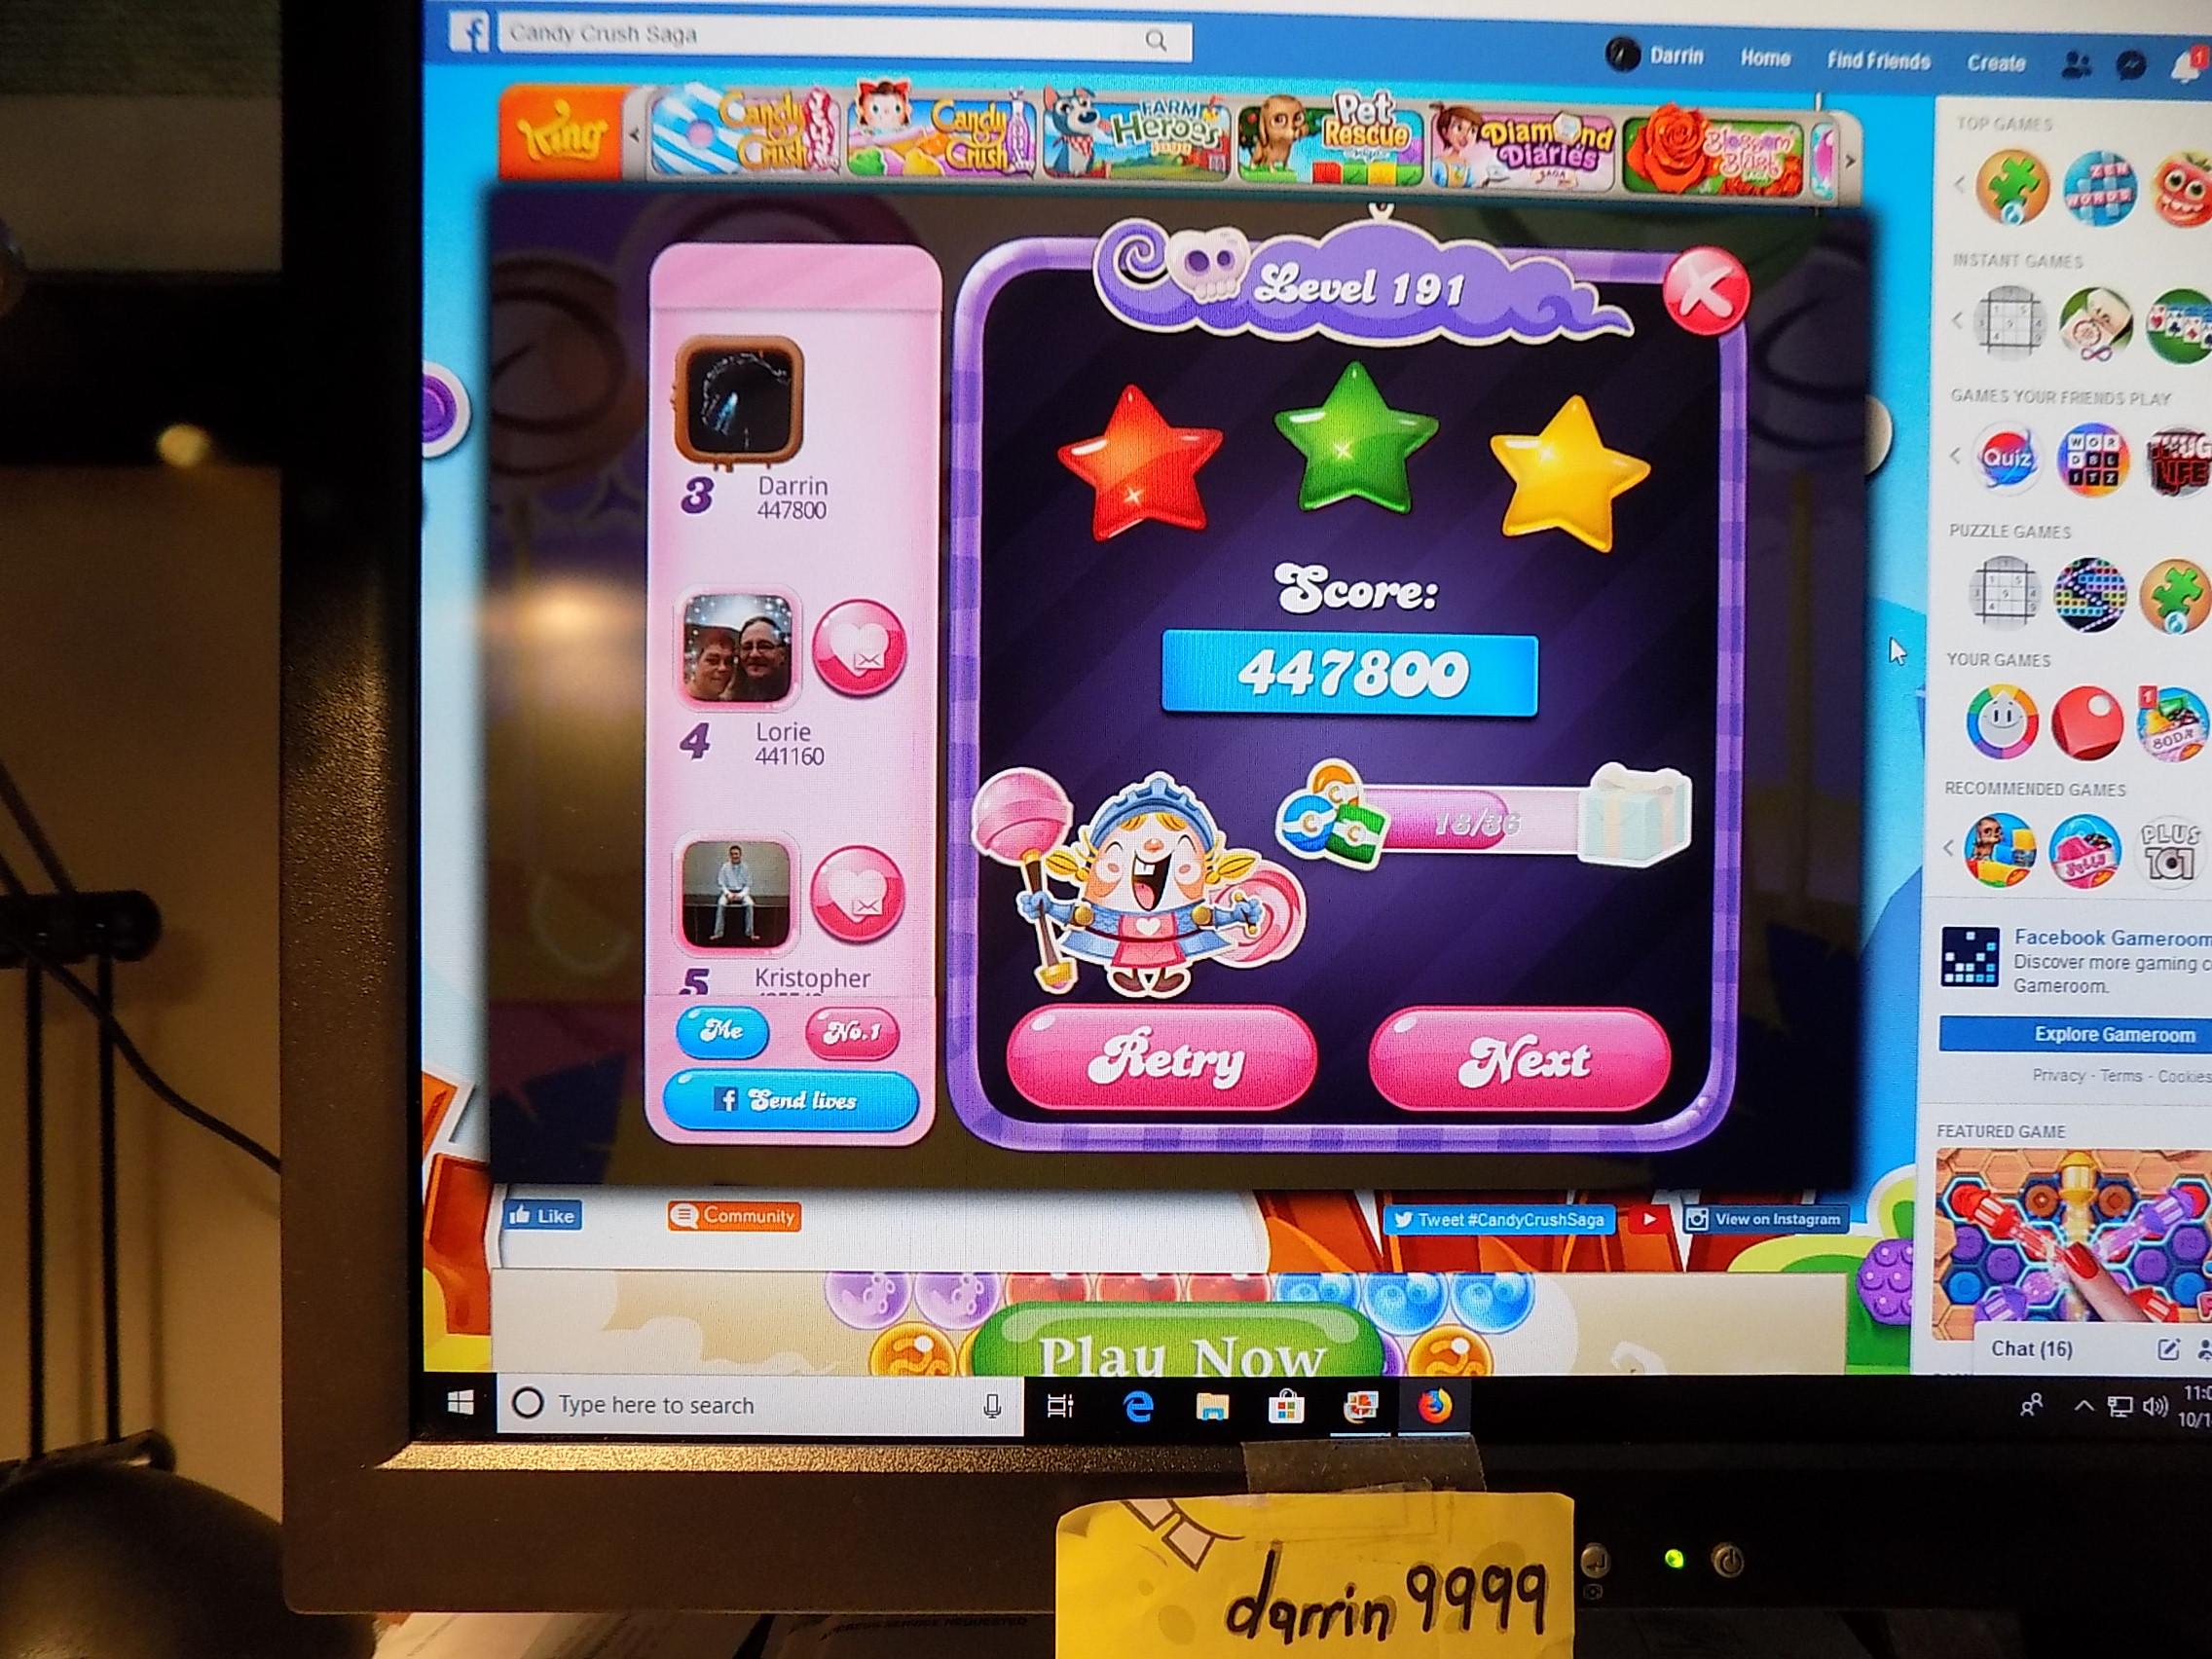 darrin9999: Candy Crush Saga: Level 191 (Web) 447,800 points on 2019-10-26 14:09:42